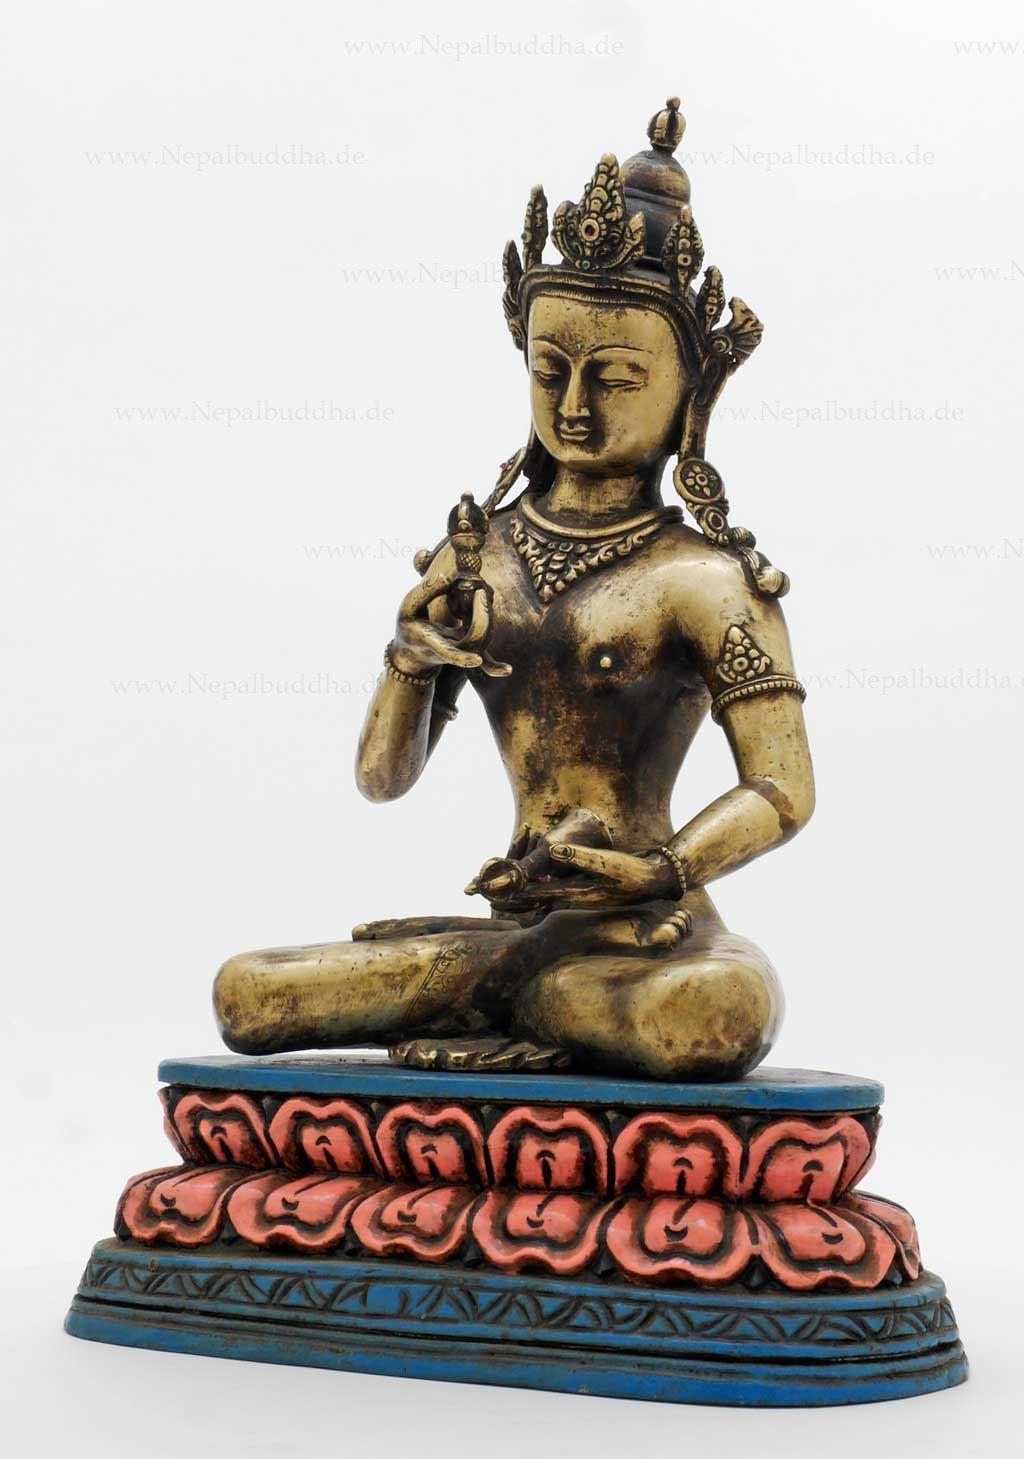 dorje sempa vajrasattva bronze 5 95 kg figur kunst statue skulptur asien tibet ebay. Black Bedroom Furniture Sets. Home Design Ideas